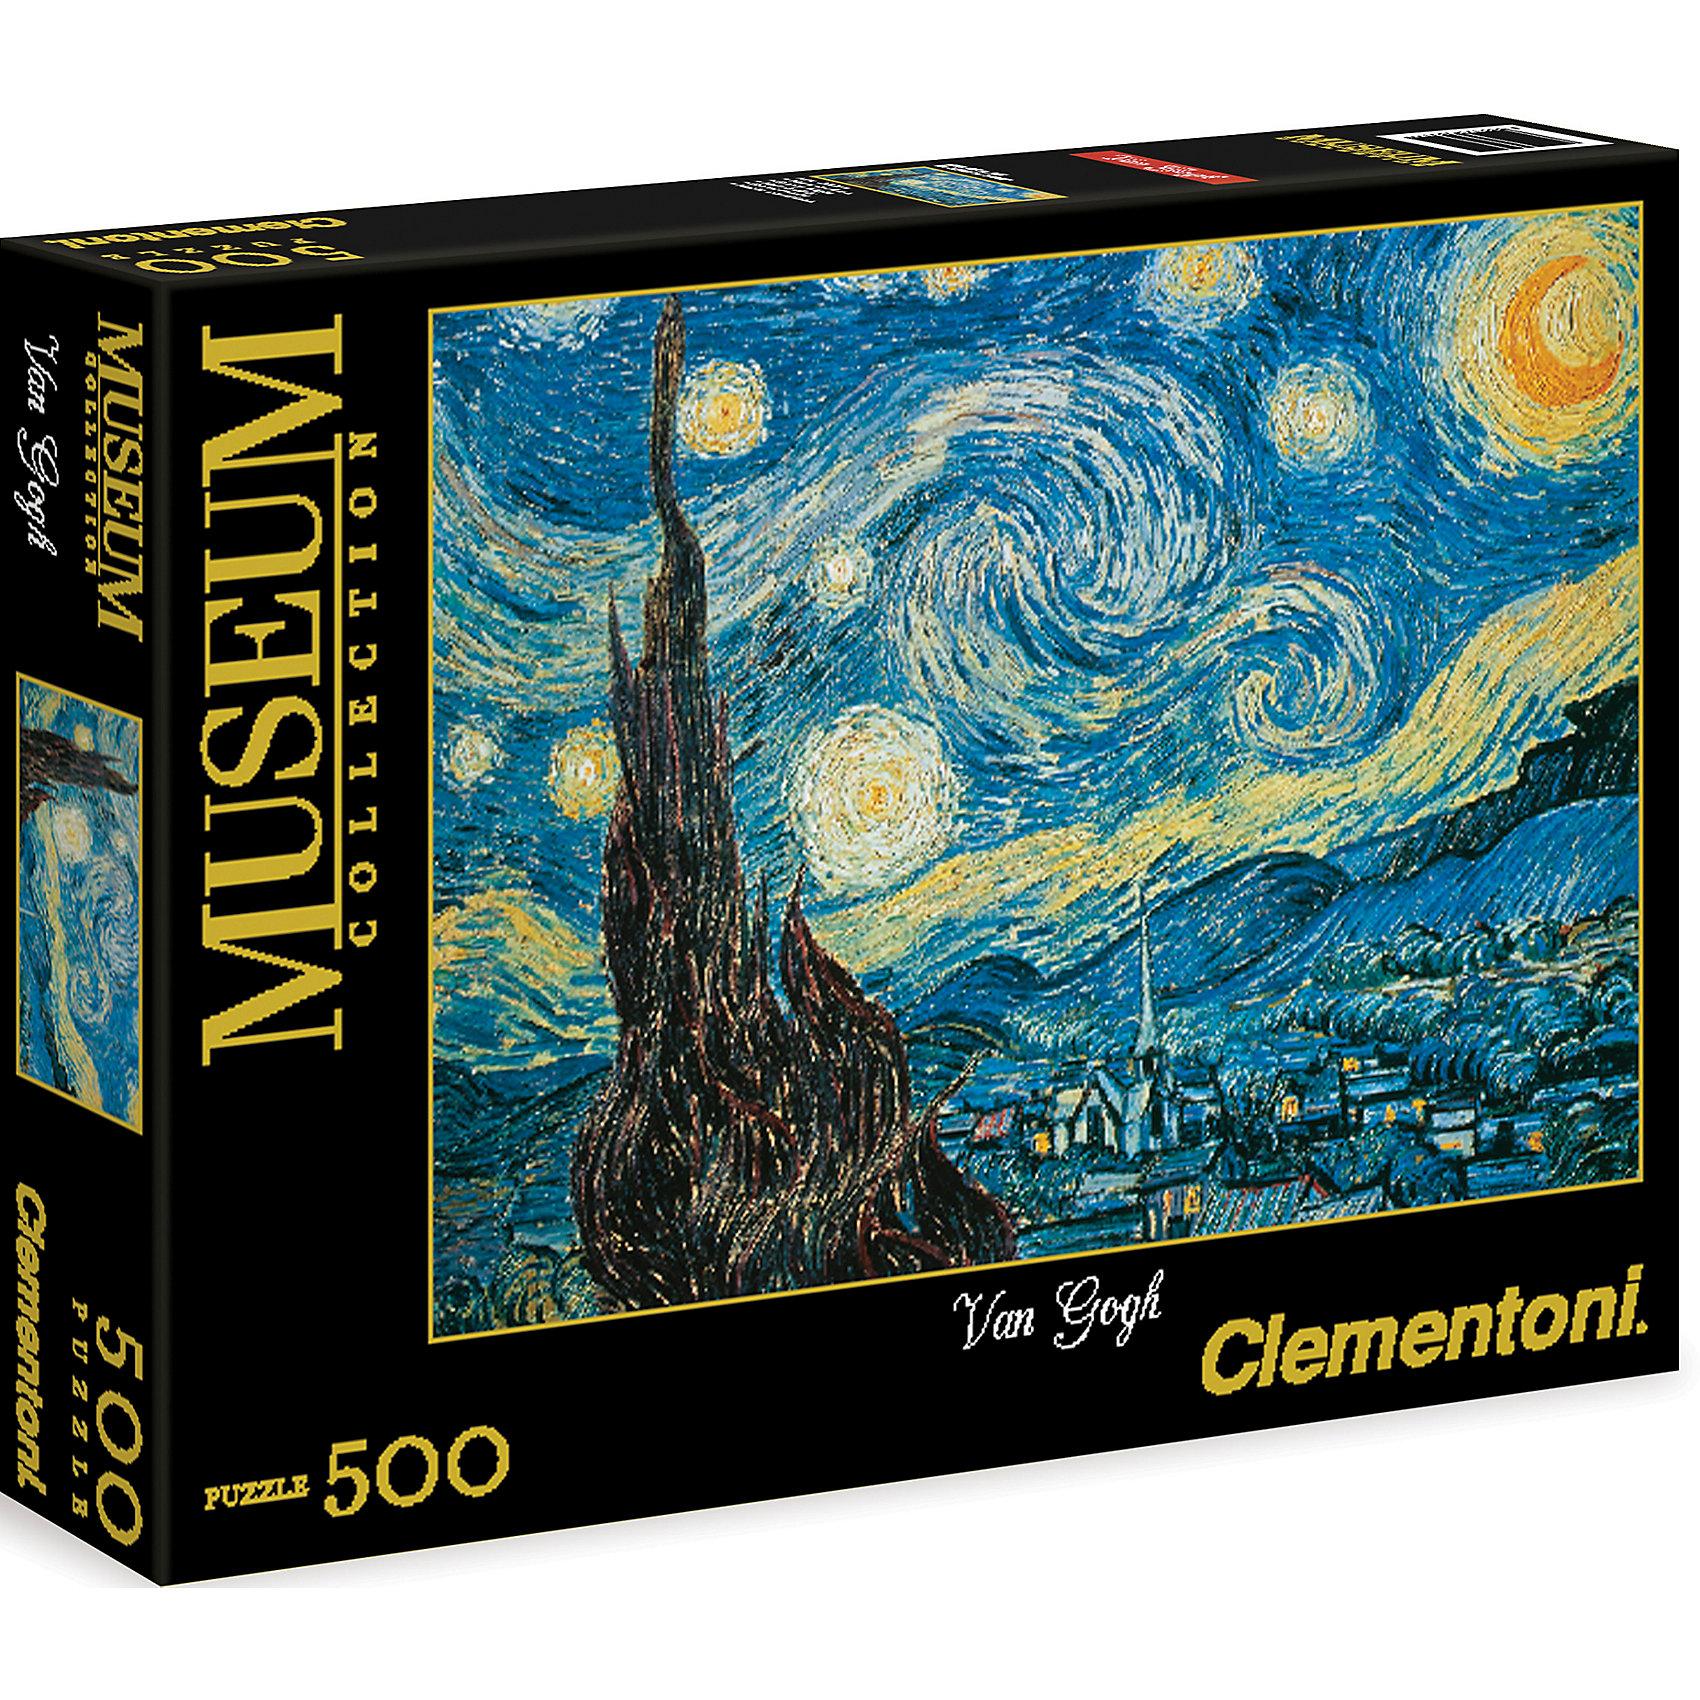 Пазл Звездная ночь  500 деталей, ClementoniКлассические пазлы<br>Пазл Звездная ночь 500 деталей, Clementoni (Клементони) без сомнения, придется Вам по душе. Собрав этот пазл, включающий в себя 500 элементов, Вы получите изображение великолепной картины Ван Гога Звездная ночь. Готовое изображение наверняка понравится всем любителям изобразительного искусства.<br>Пазлы - прекрасное антистрессовое средство для взрослых и замечательная развивающая игра для детей. Сборка пазла развивает у ребенка мелкую моторику рук, тренирует наблюдательность, логическое мышление, знакомит с окружающим миром, с цветом и разнообразными формами, учит усидчивости и терпению, аккуратности и вниманию. Сборка пазла - прекрасное времяпрепровождение для всей семьи.<br><br>Дополнительная информация:<br><br>- Материал: картон<br>- Размер собранного пазла: 49х36 см.<br>- Размер коробки: 34,3х24,9х3,5 см.<br><br>Пазл Звездная ночь  500 деталей, Clementoni (Клементони) можно купить в нашем интернет-магазине.<br><br>Ширина мм: 344<br>Глубина мм: 46<br>Высота мм: 254<br>Вес г: 483<br>Возраст от месяцев: 120<br>Возраст до месяцев: 216<br>Пол: Унисекс<br>Возраст: Детский<br>Количество деталей: 500<br>SKU: 3784338